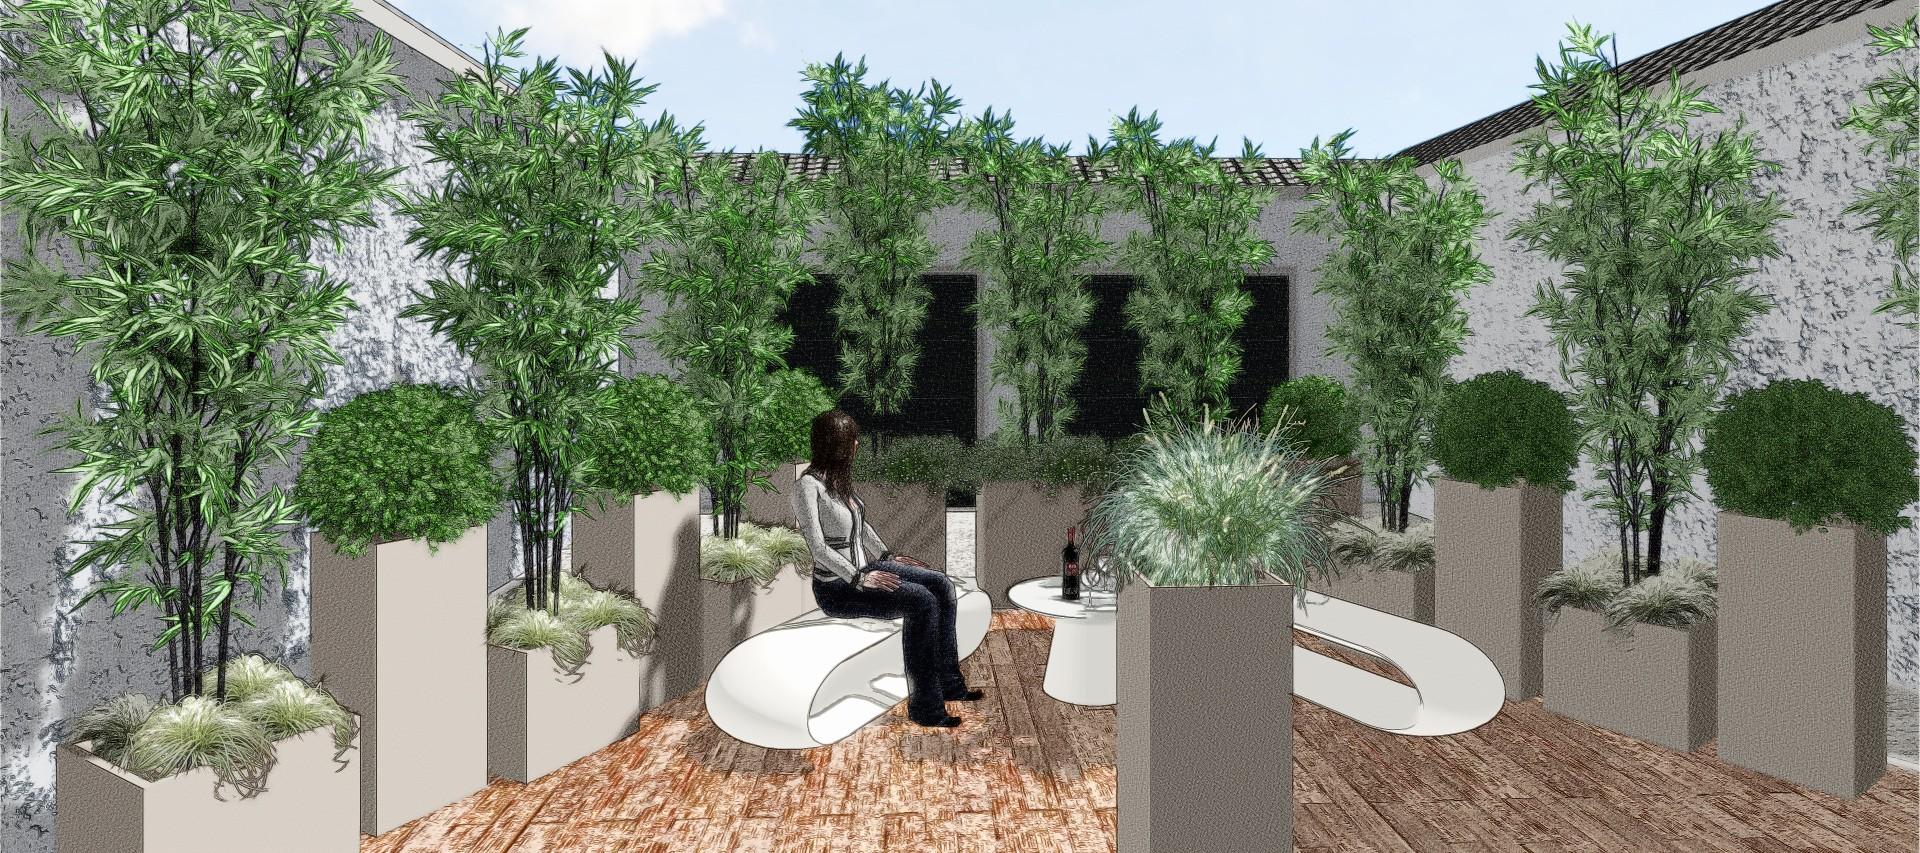 La migliore Progettazione Giardini E Terrazzi Idee e immagini di ispirazione  ezsrc.com Trova ...